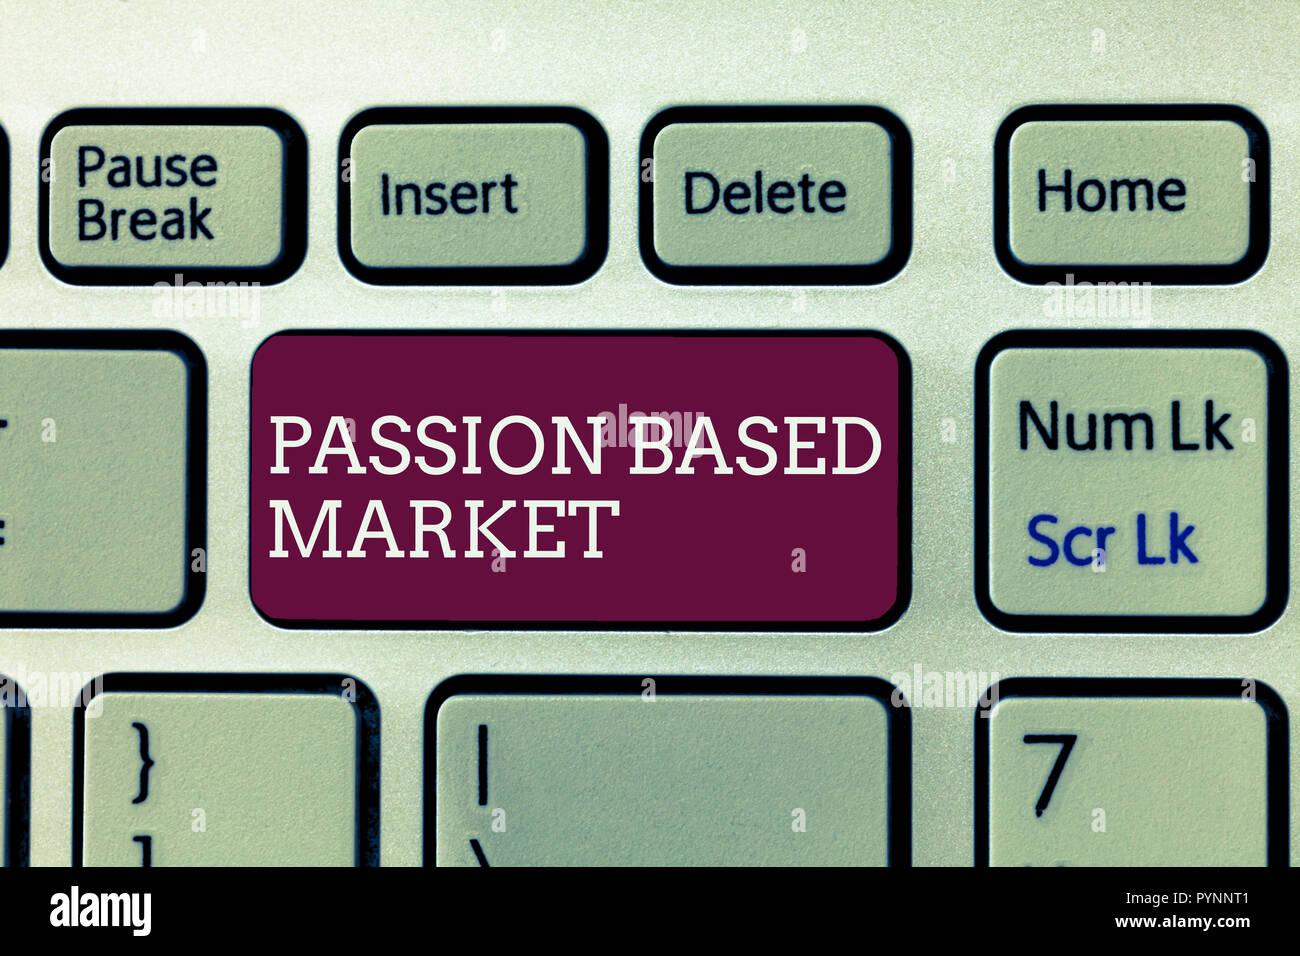 7f95cf835c6 Escritura de texto escrito de mercado basado en la Pasión. Concepto  significado emocional de canal de ventas una estrategia centrada en  Personalizar.